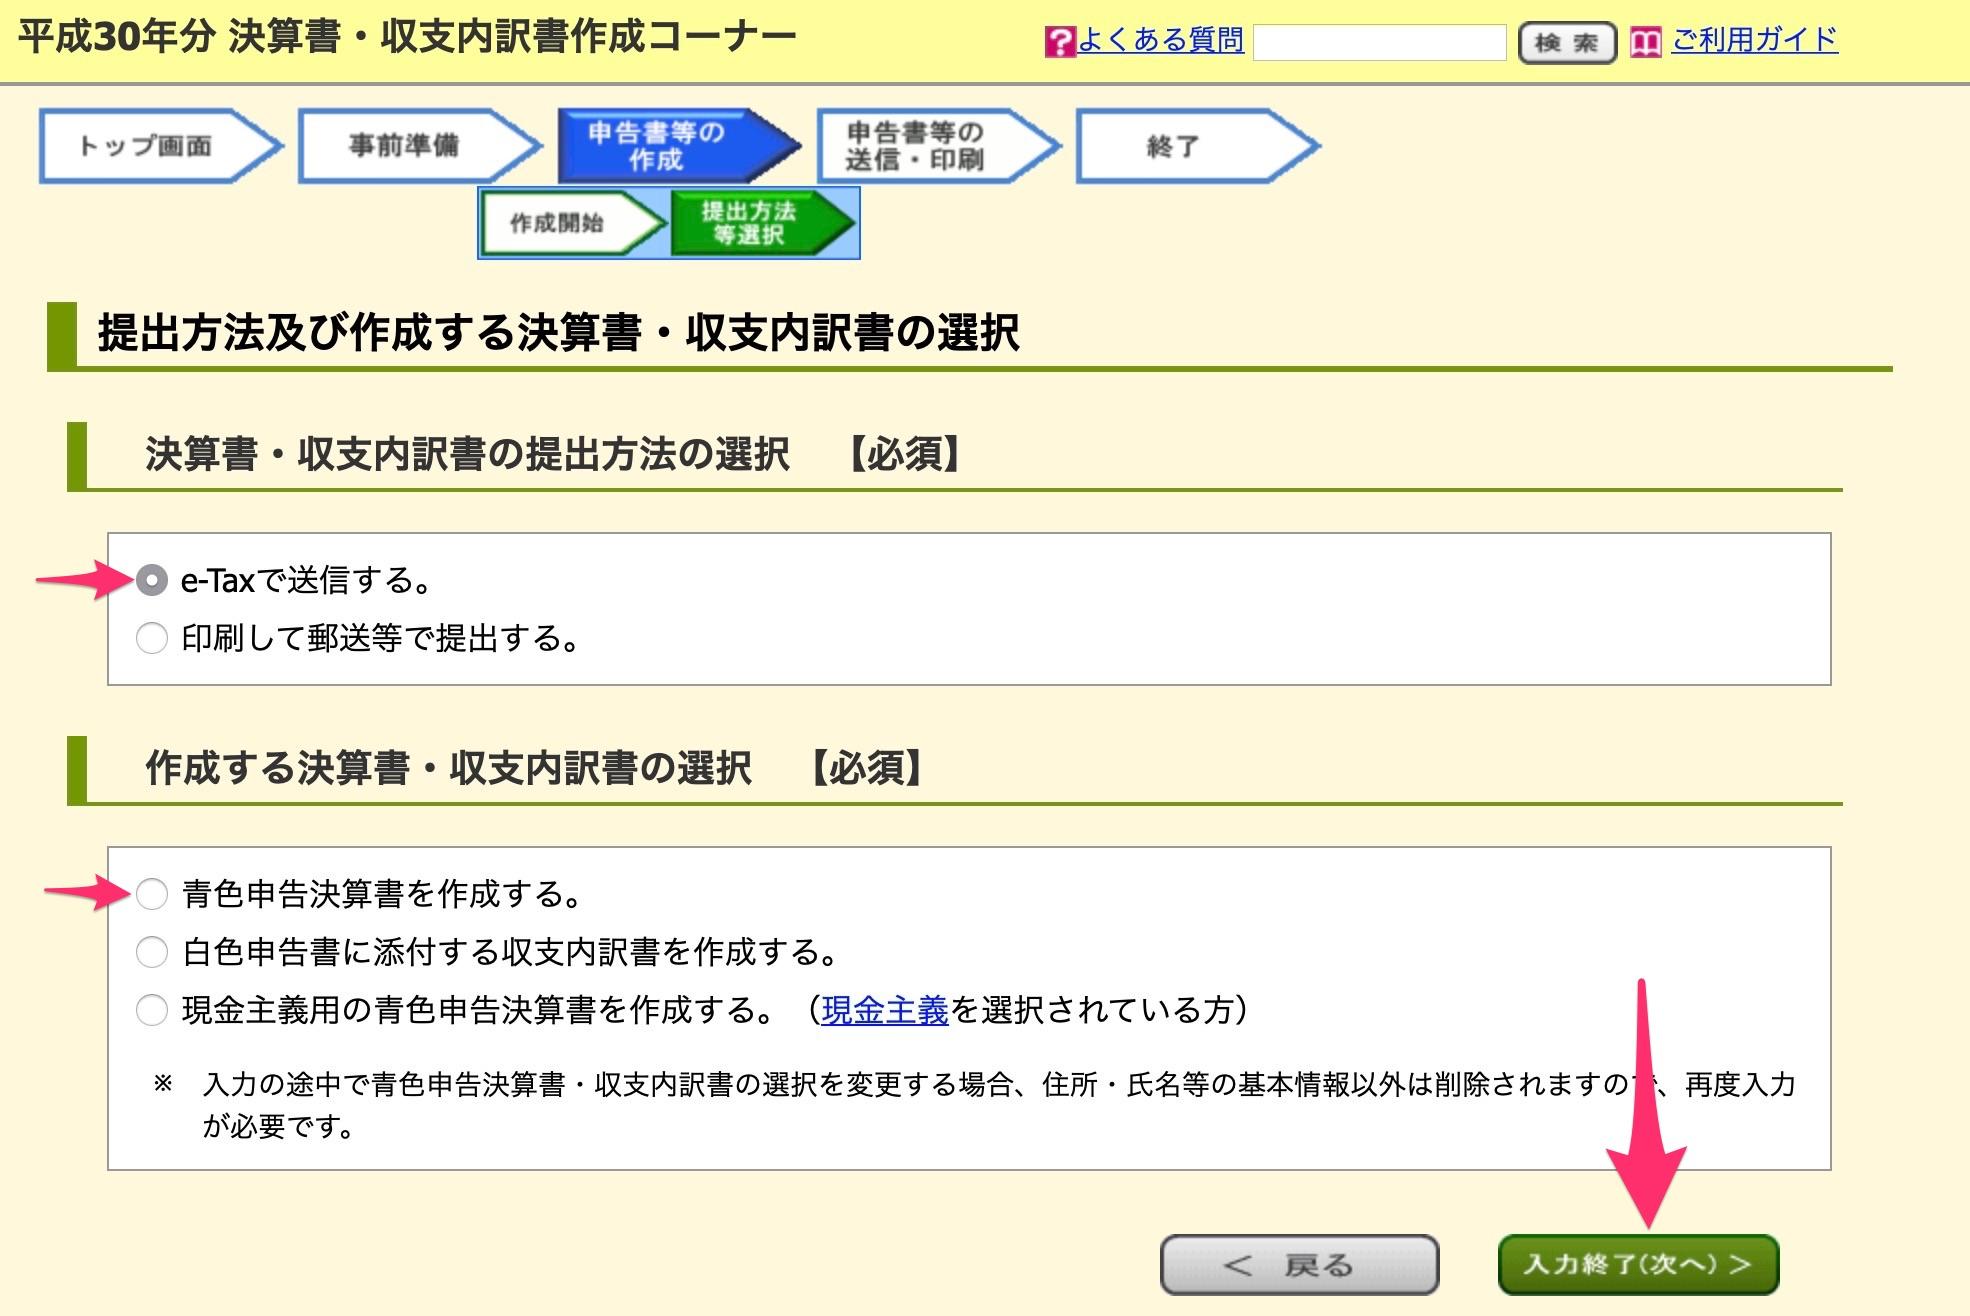 e-Taxで確定申告 マイナンバーカードの使い方 カードリーダー